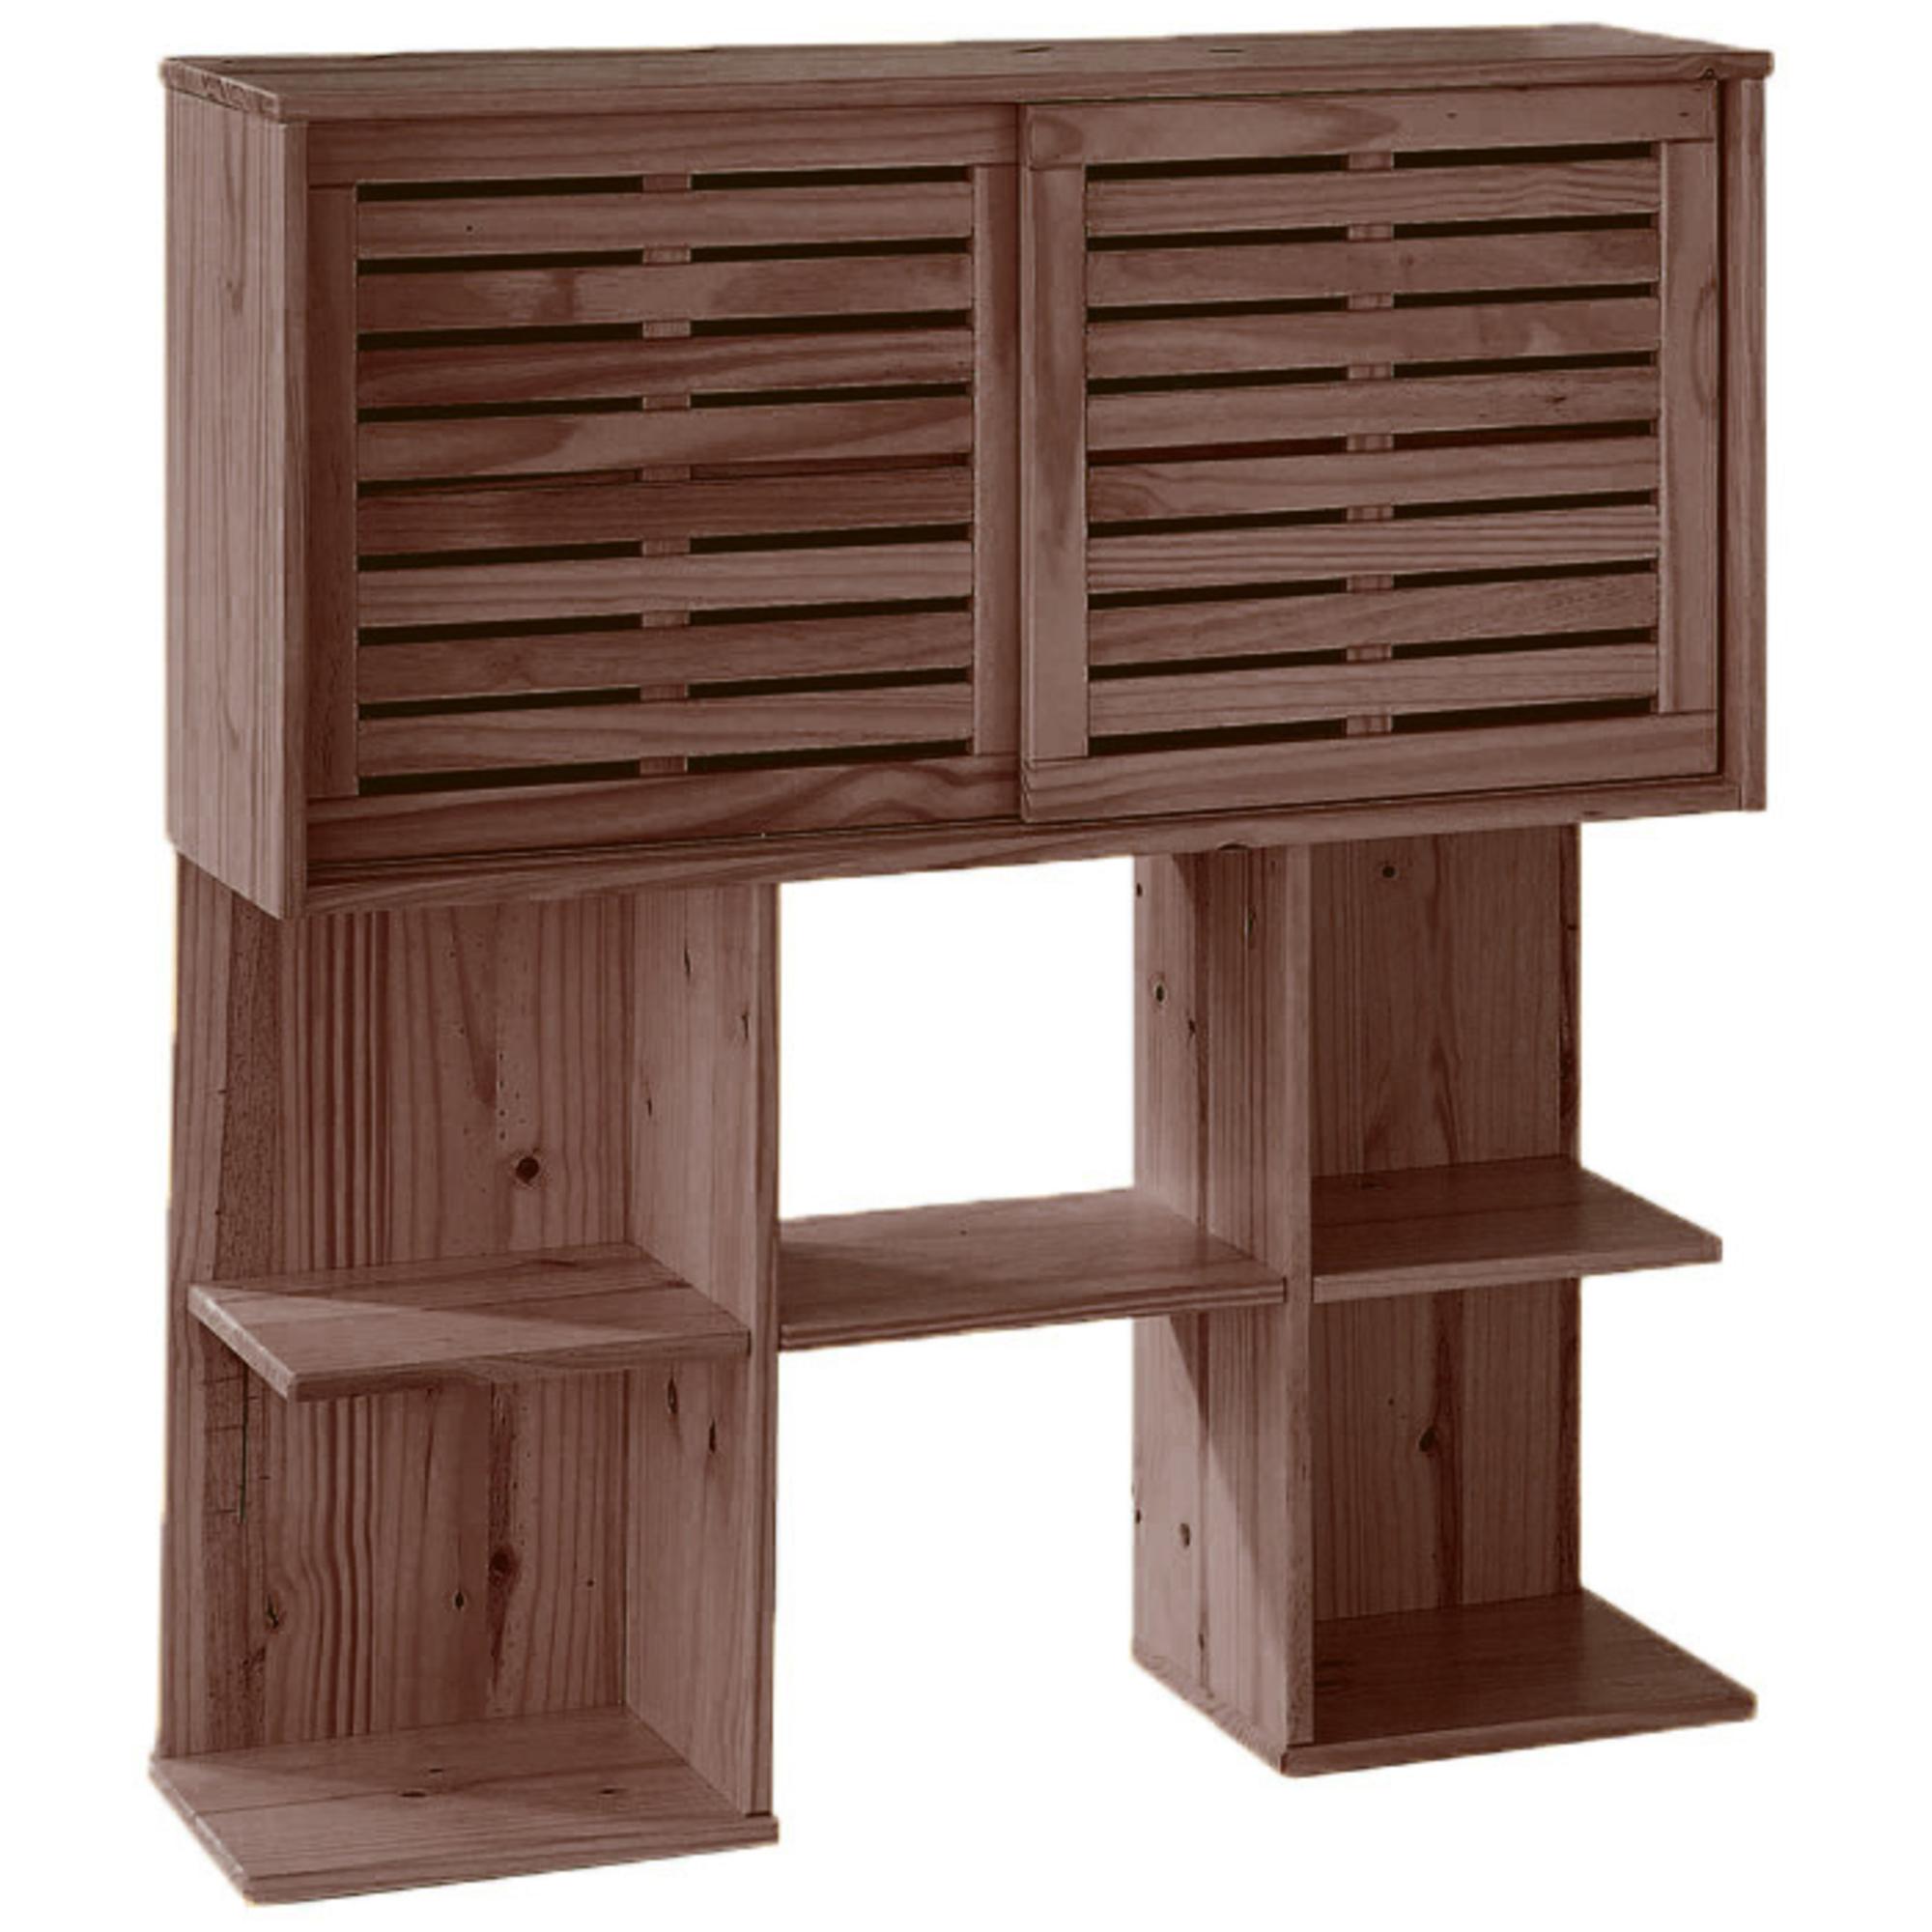 t te de lit pour lit 90 x 190 cm mistral weng anniversaire 40 ans acheter ce produit au. Black Bedroom Furniture Sets. Home Design Ideas